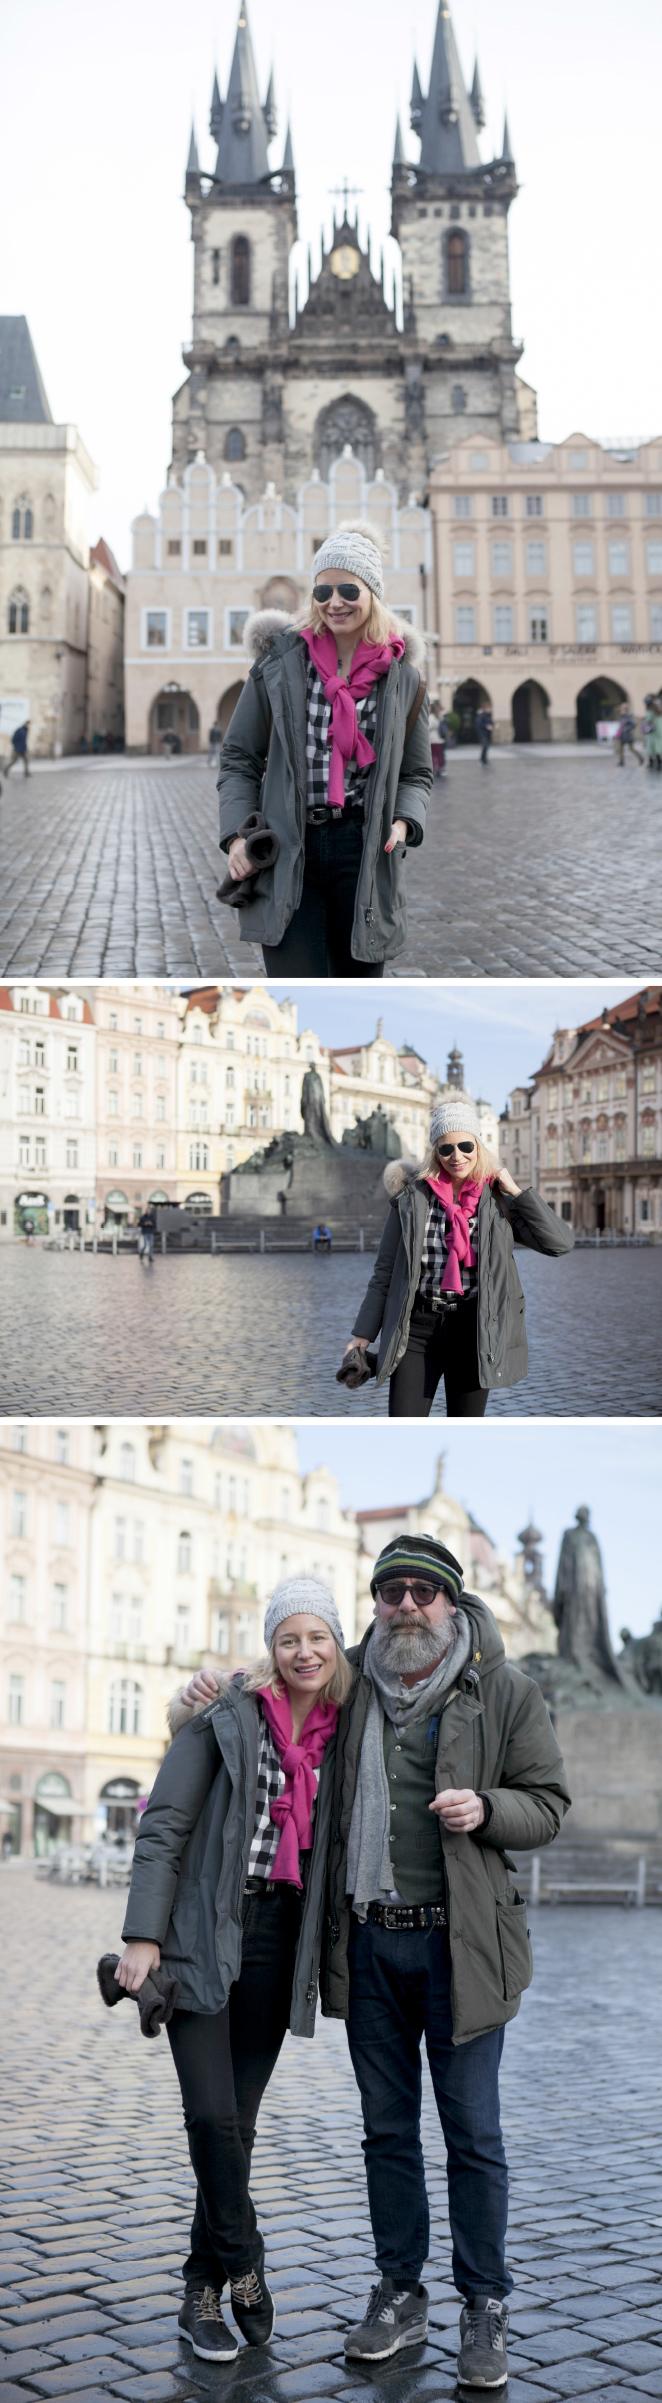 Camino Real, el mas bonito de Praga